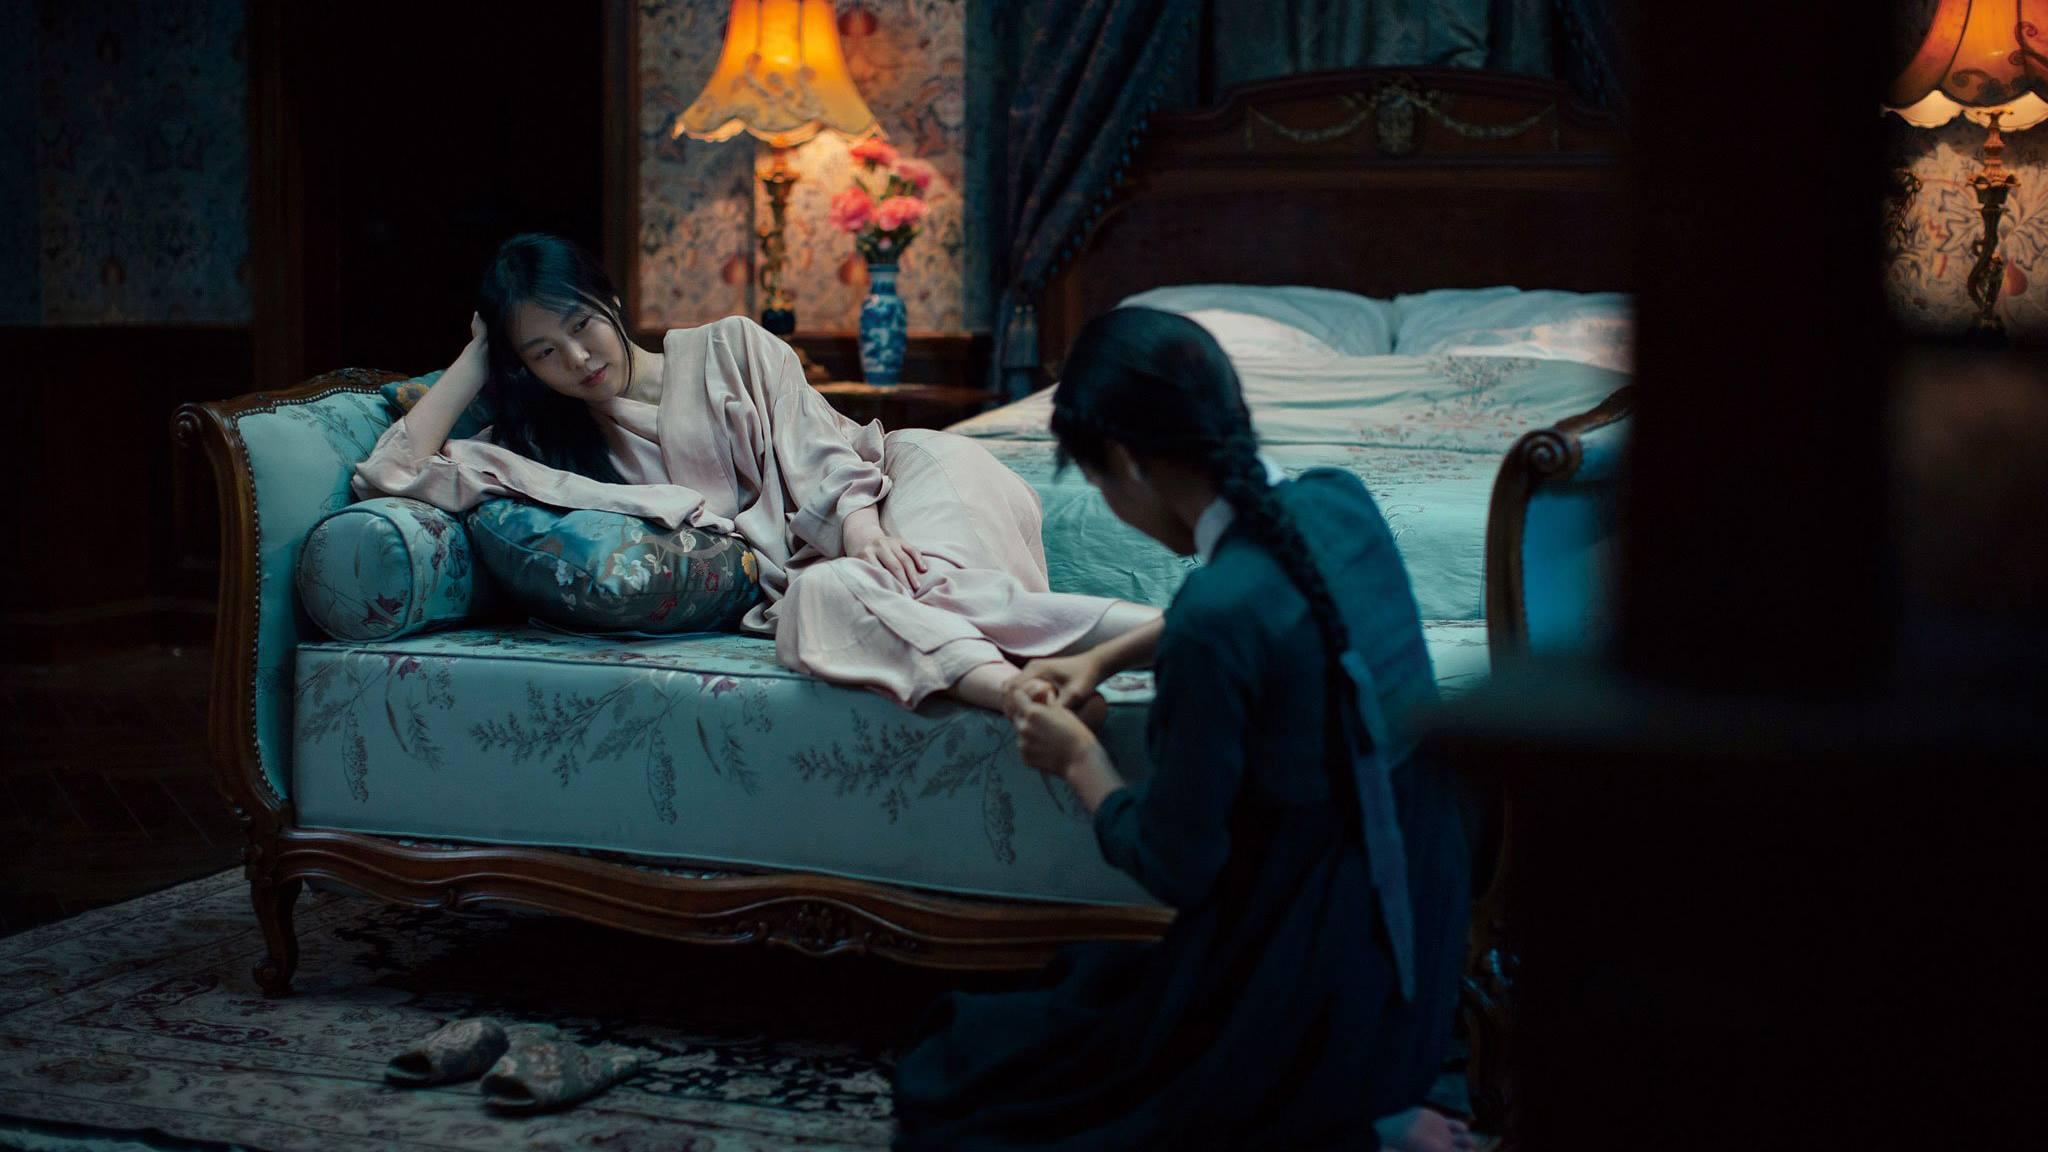 Una sequenza sensuale di The Handmaiden